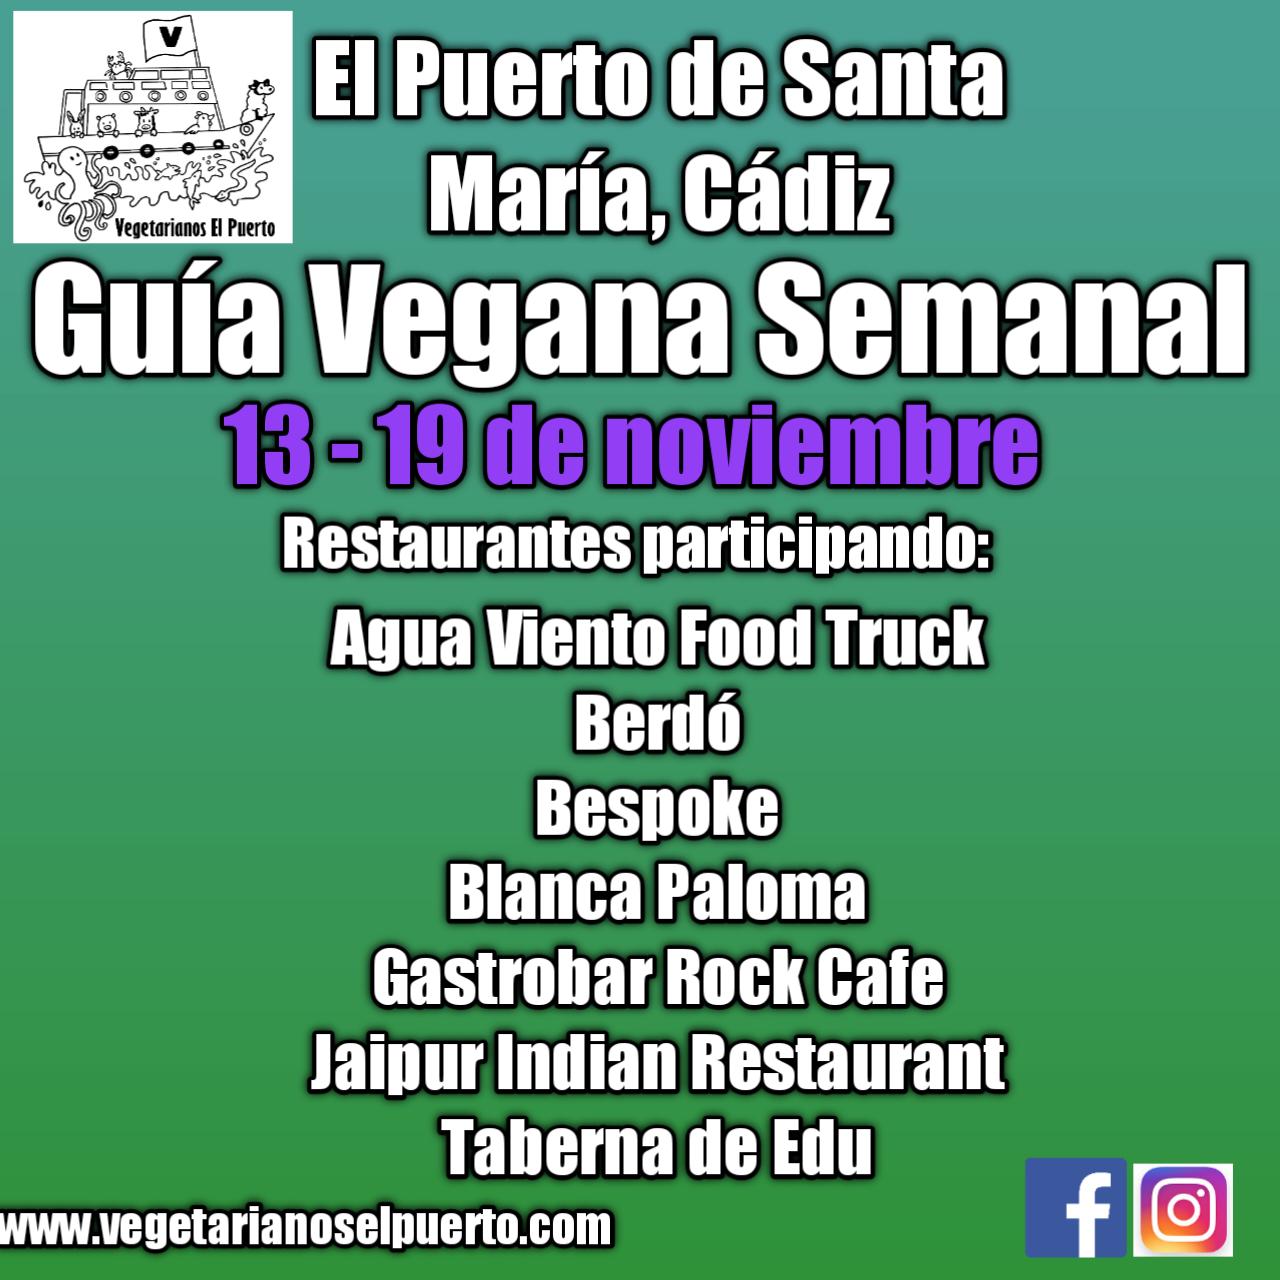 Guía Vegana Semanal 13-19 noviembre